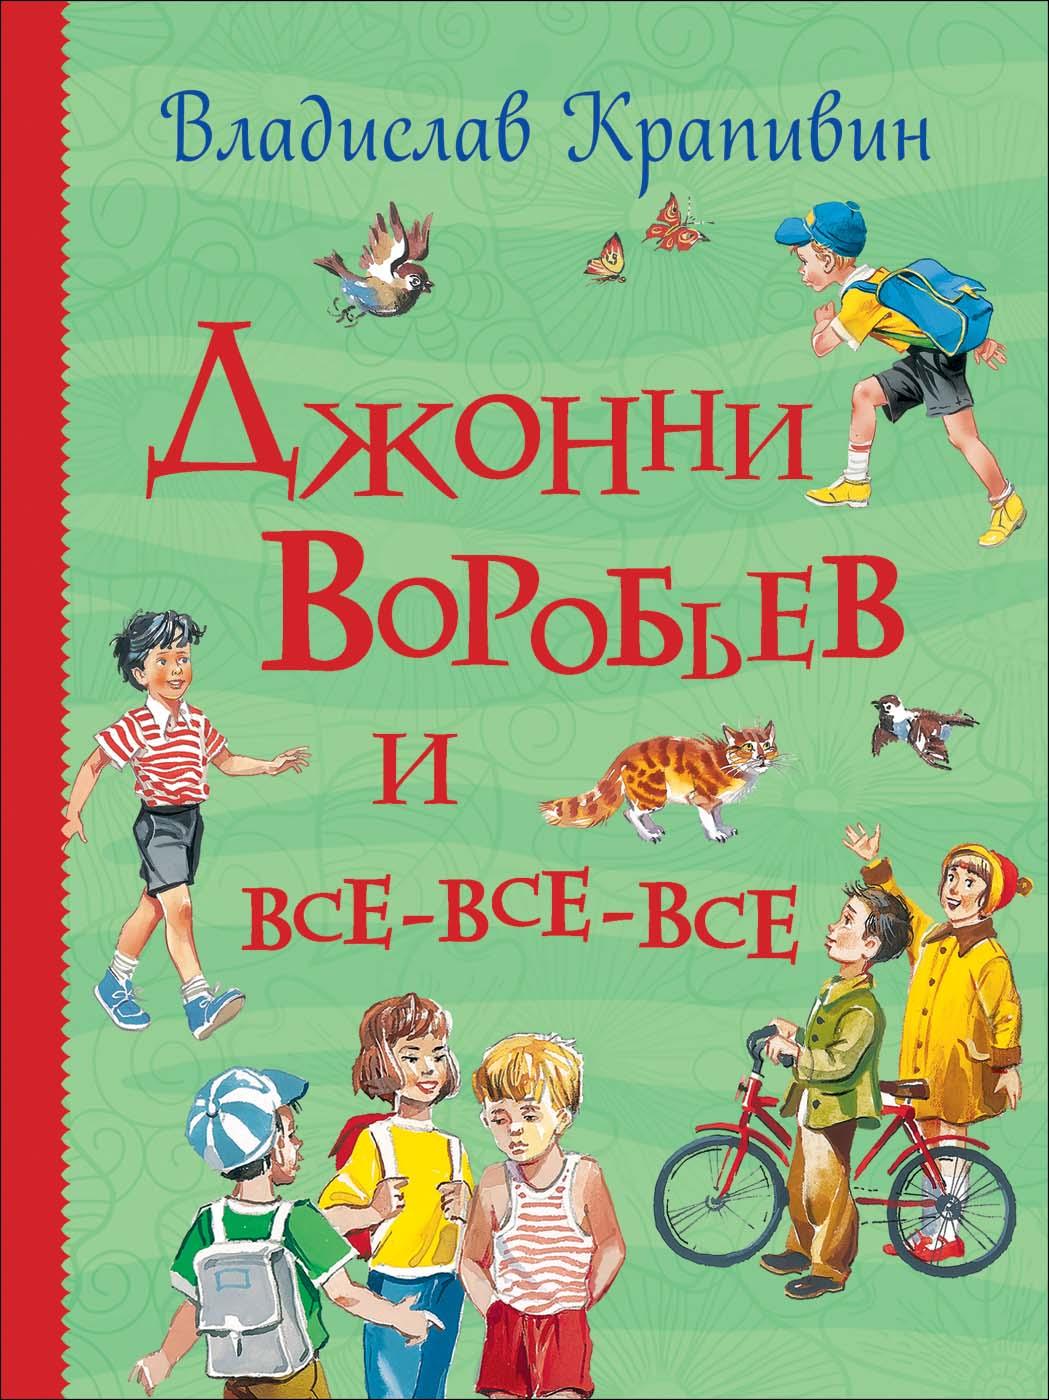 Книга из серии Все истории – Крапивин В. Джонни Воробьев и все-все-все фото